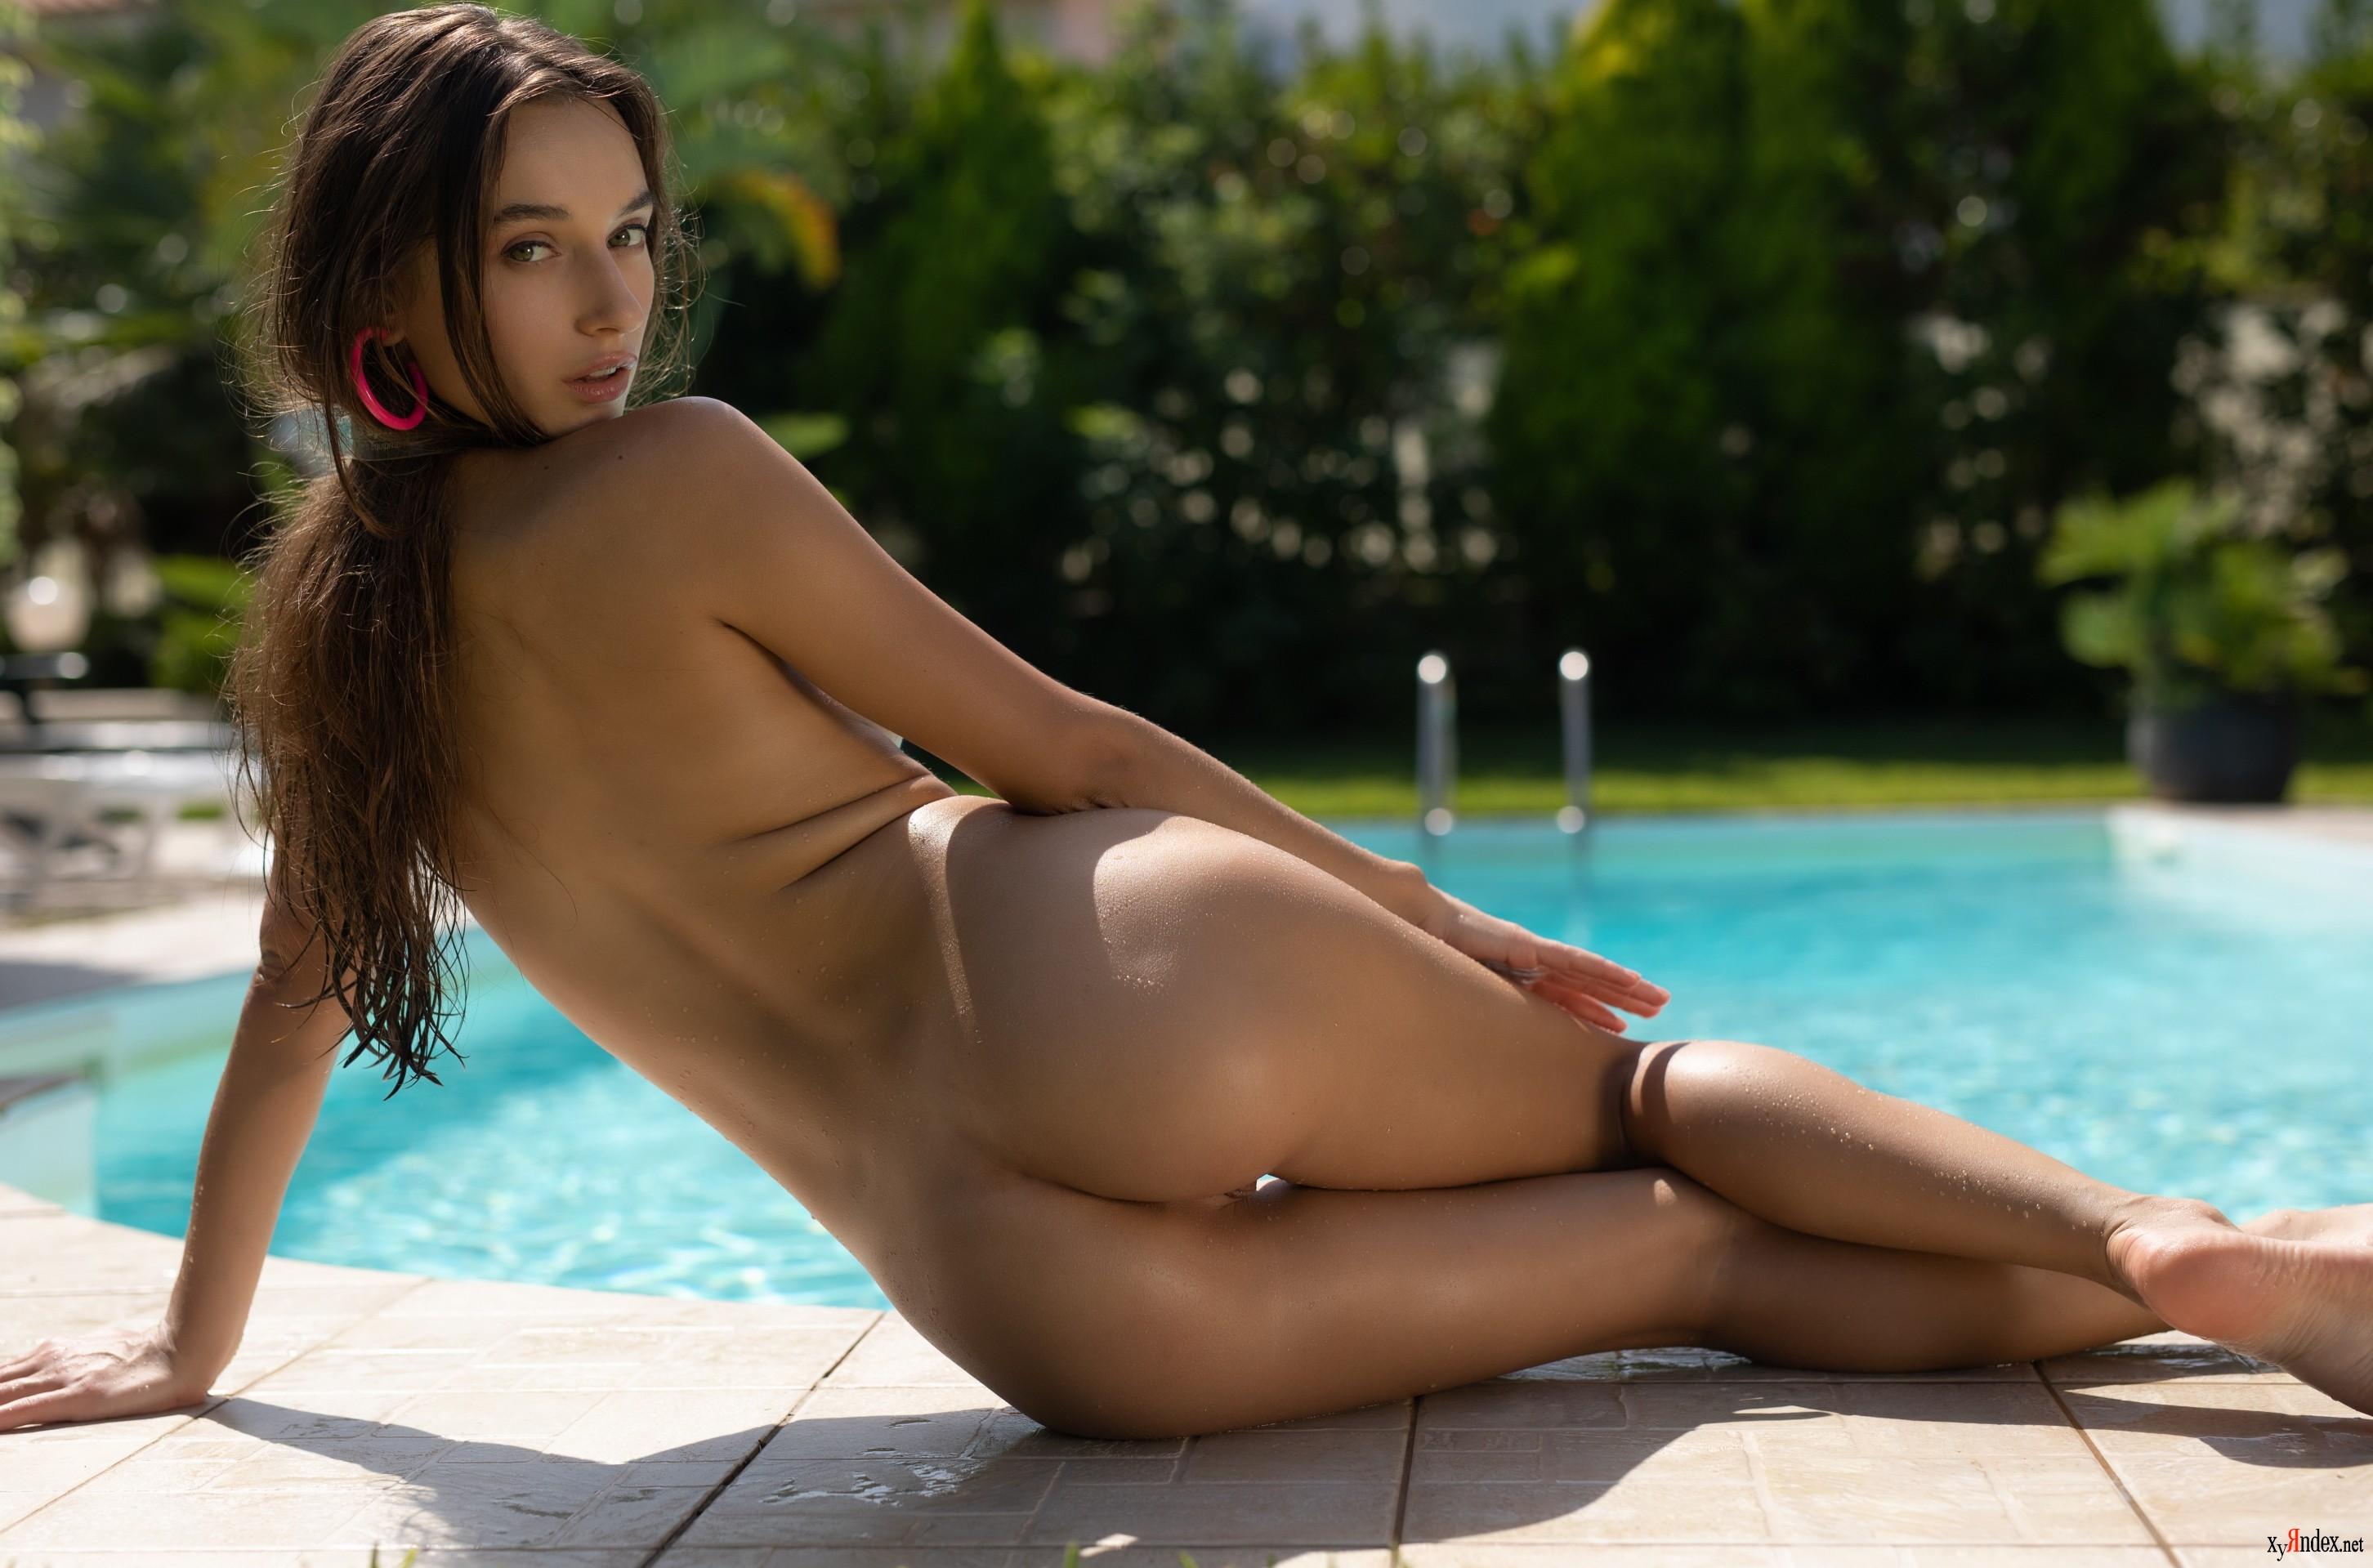 Jia lynn playboy playmate girl naked